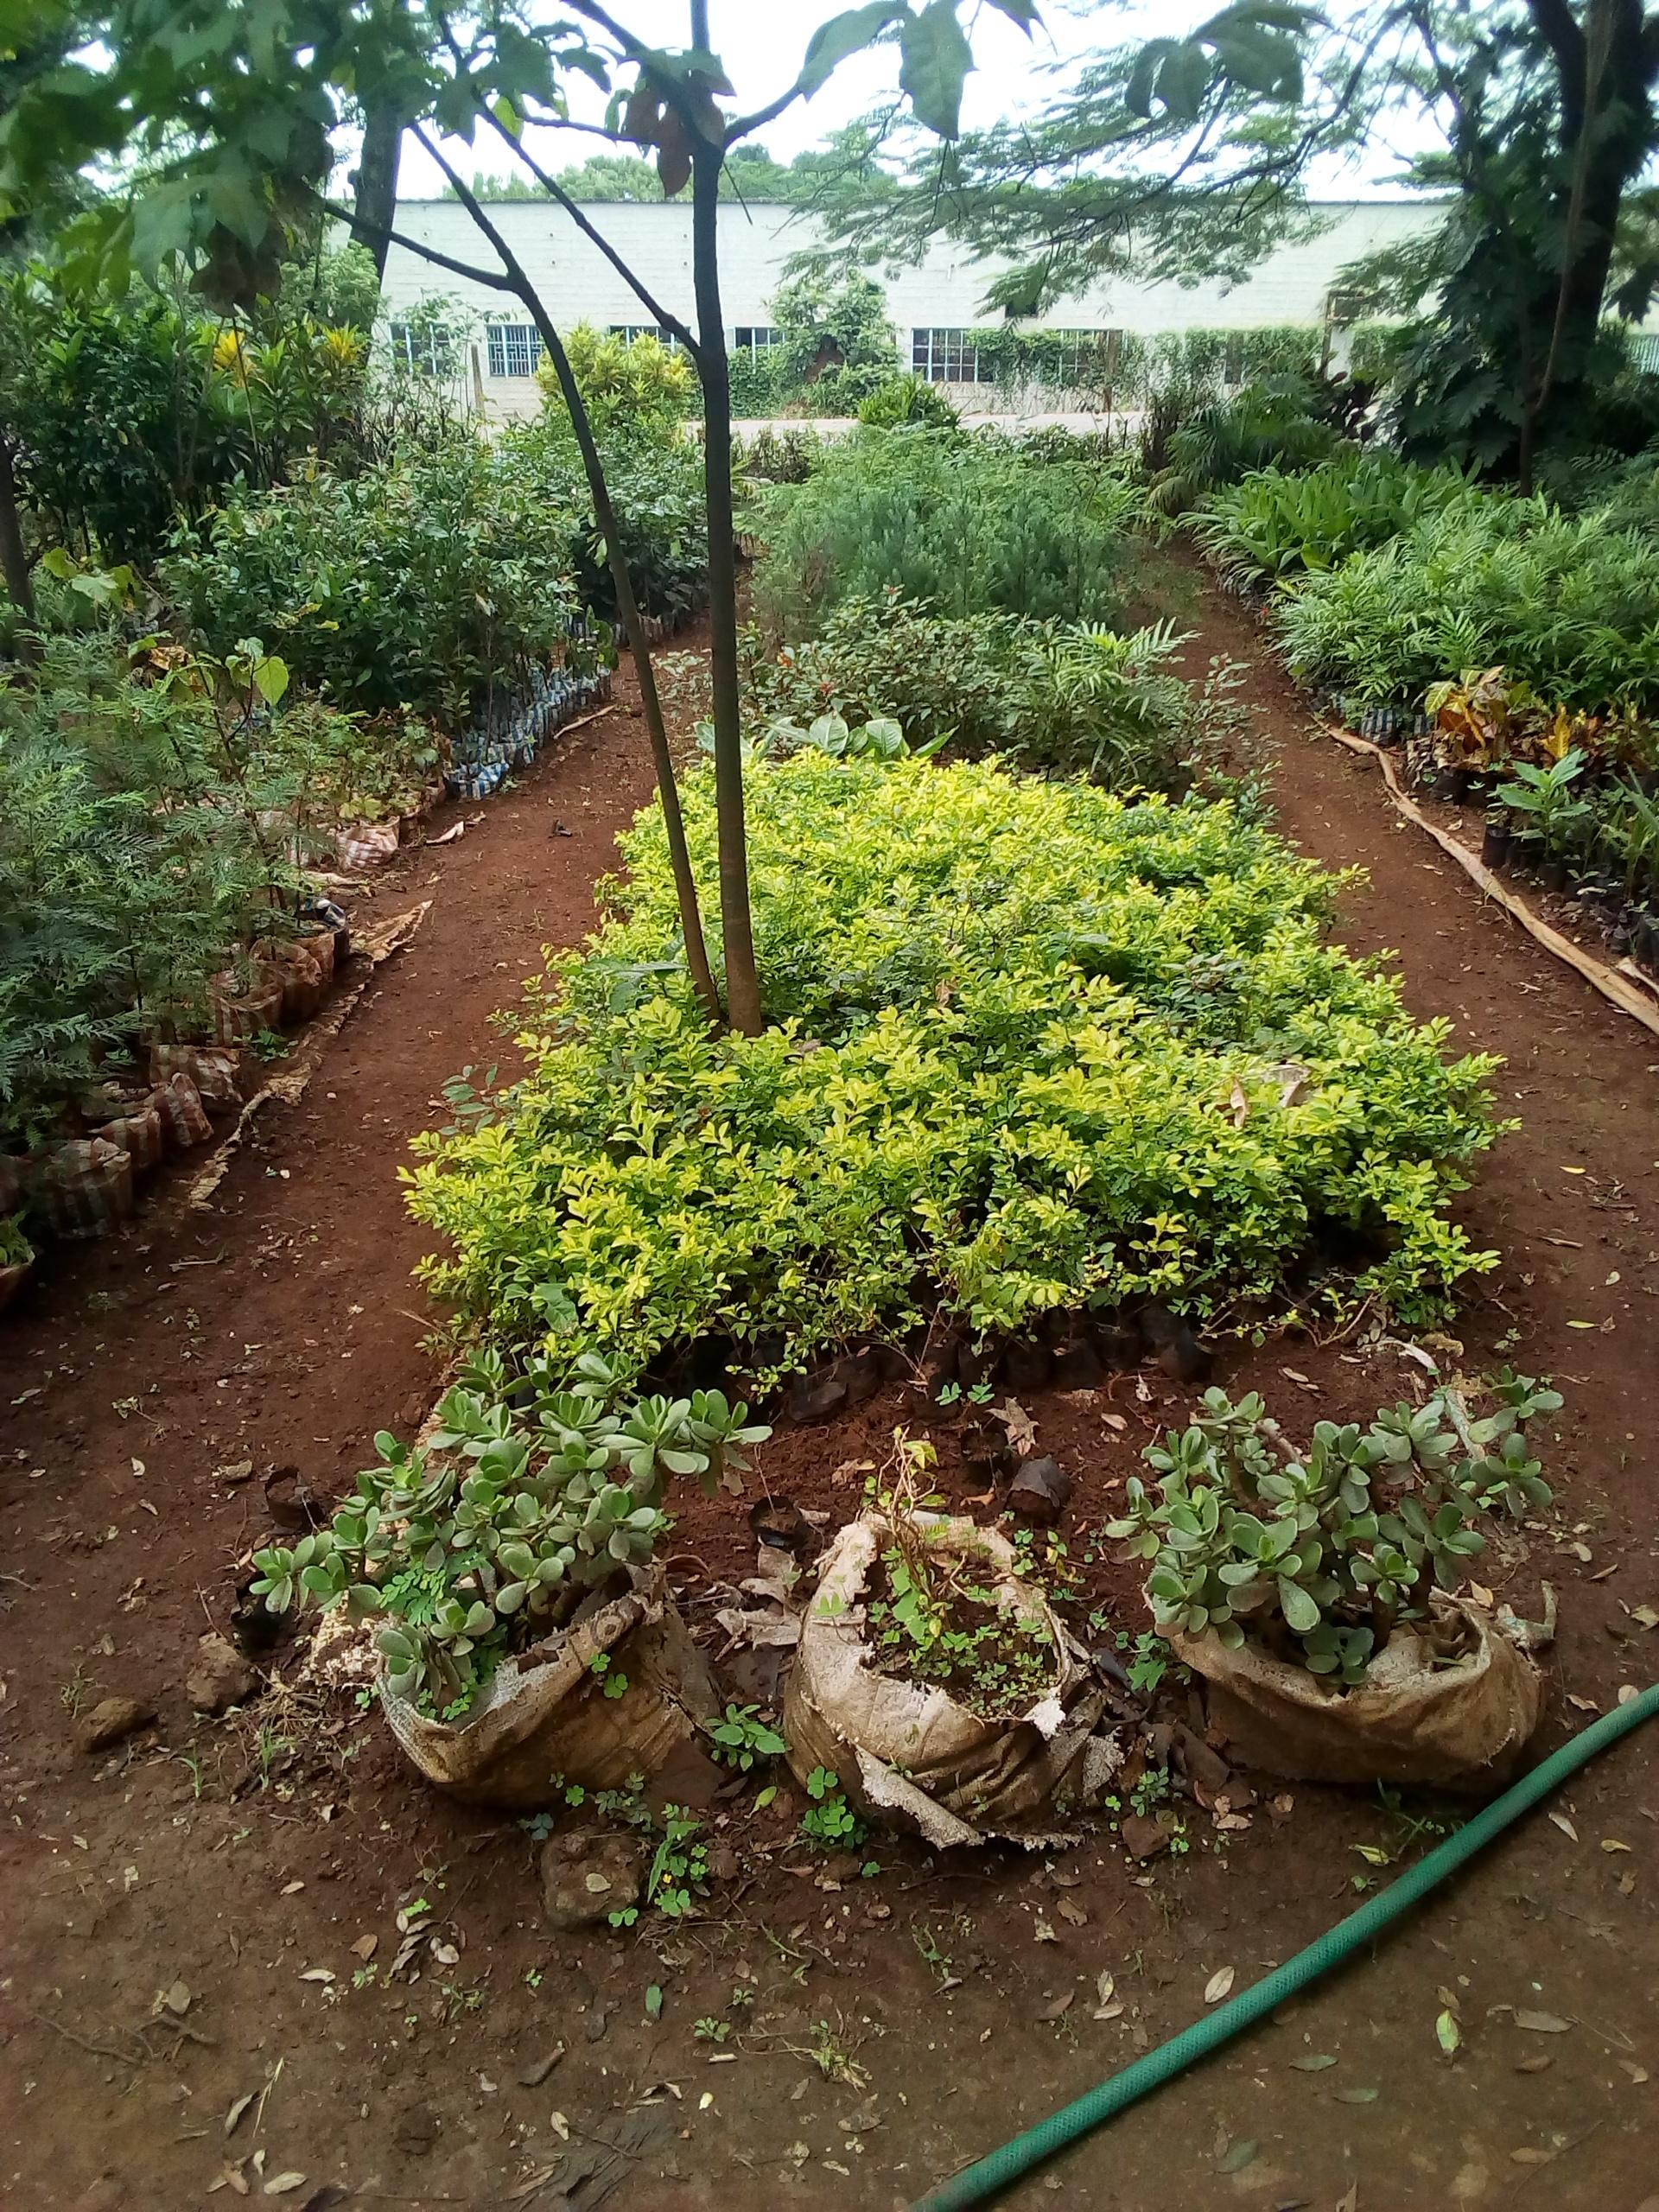 Rekapa garden ni garden nzuri ya maua na miti ya matunda